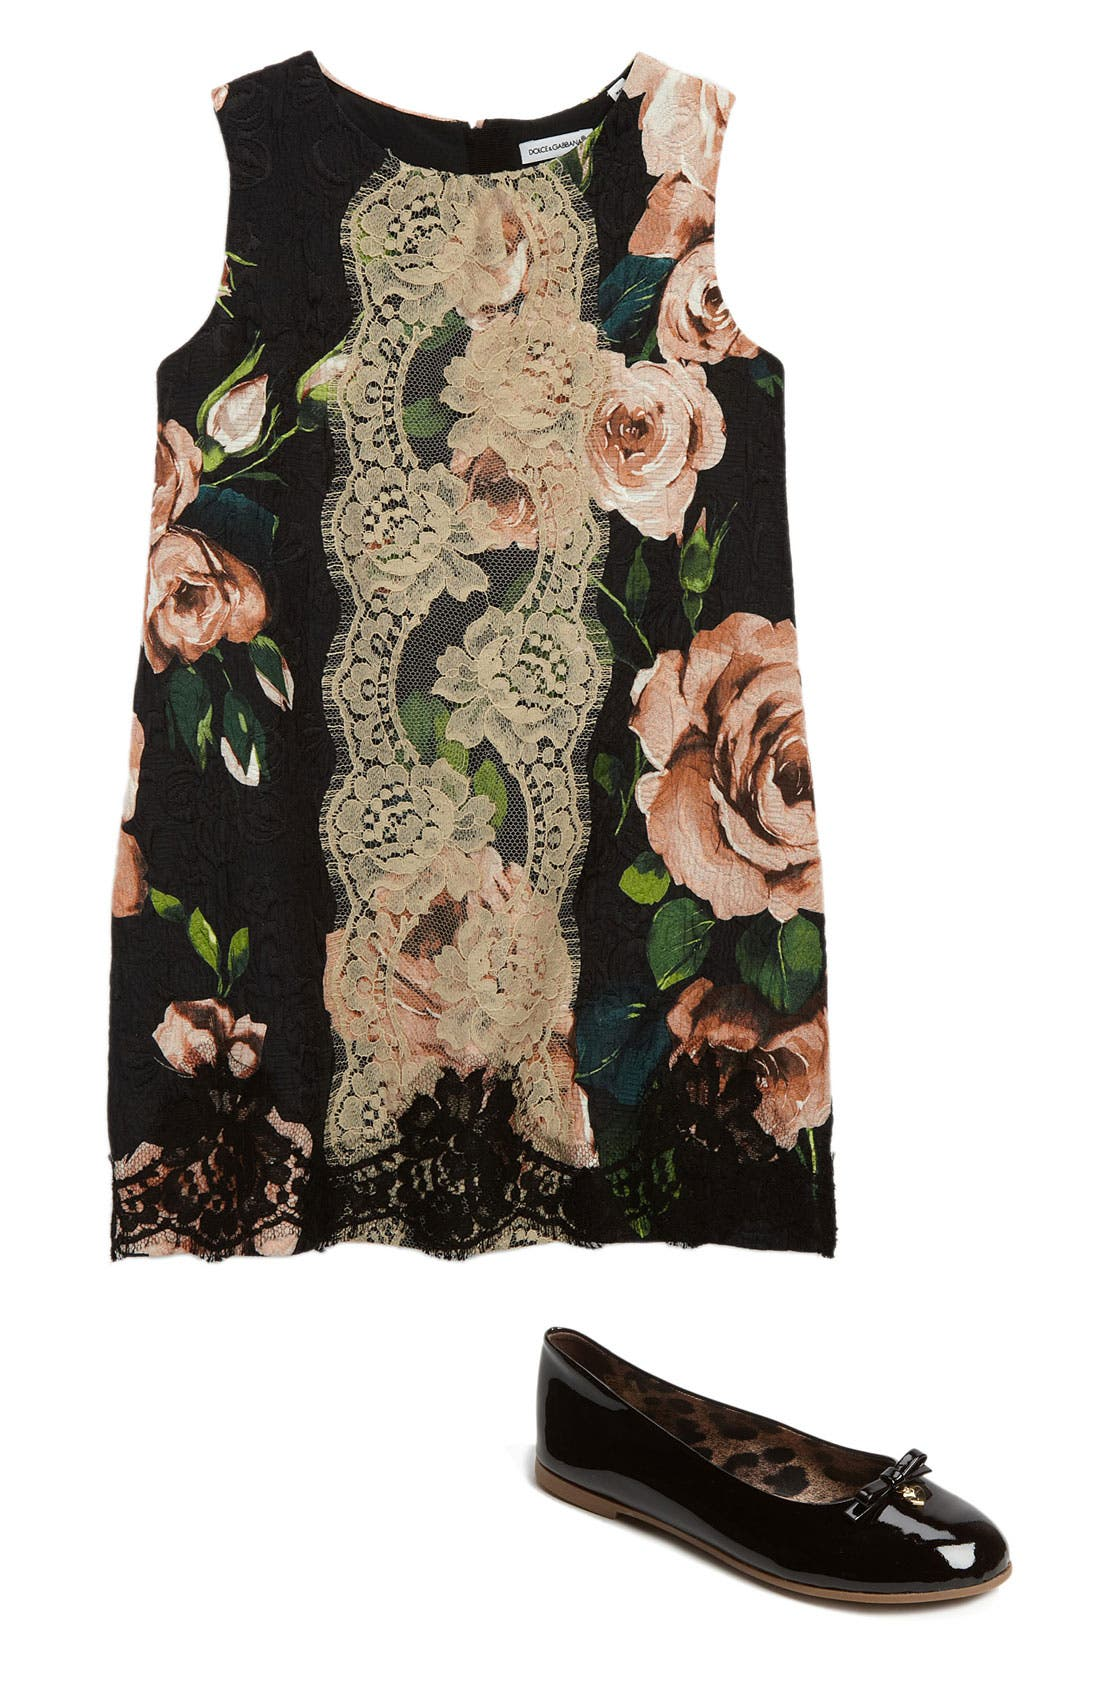 Main Image - Dolce&Gabbana Dress & Ballet Flat (Little Girls & Big Girls)